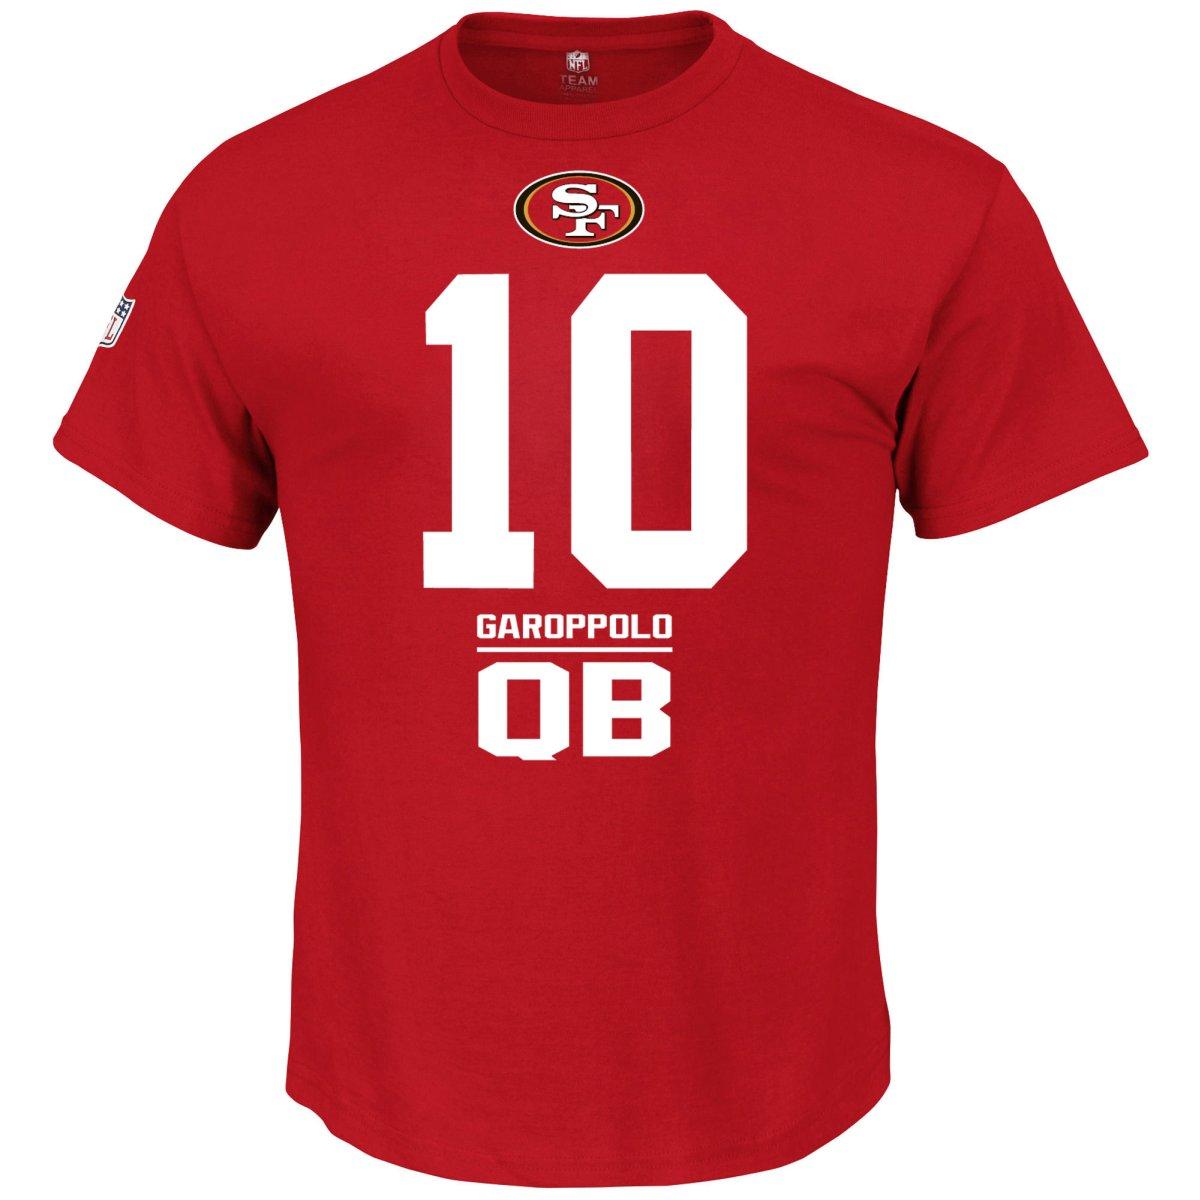 d1e5bb3d5 Details about Majestic NFL Shirt - San Francisco 49ers  10 Jimmy Garoppolo  - S